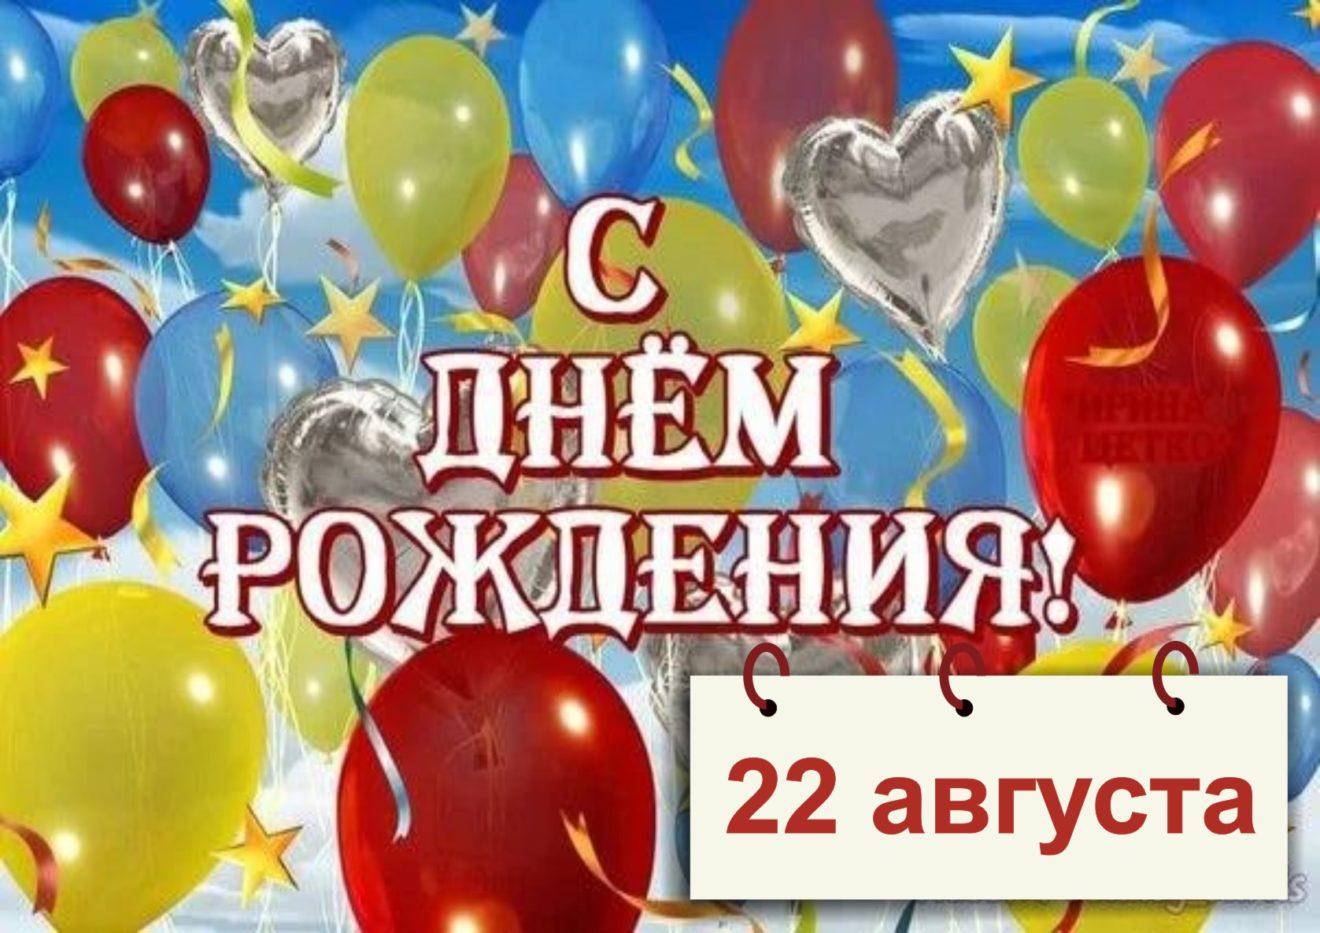 Поздравления с днем рождения девочке в прозе 55